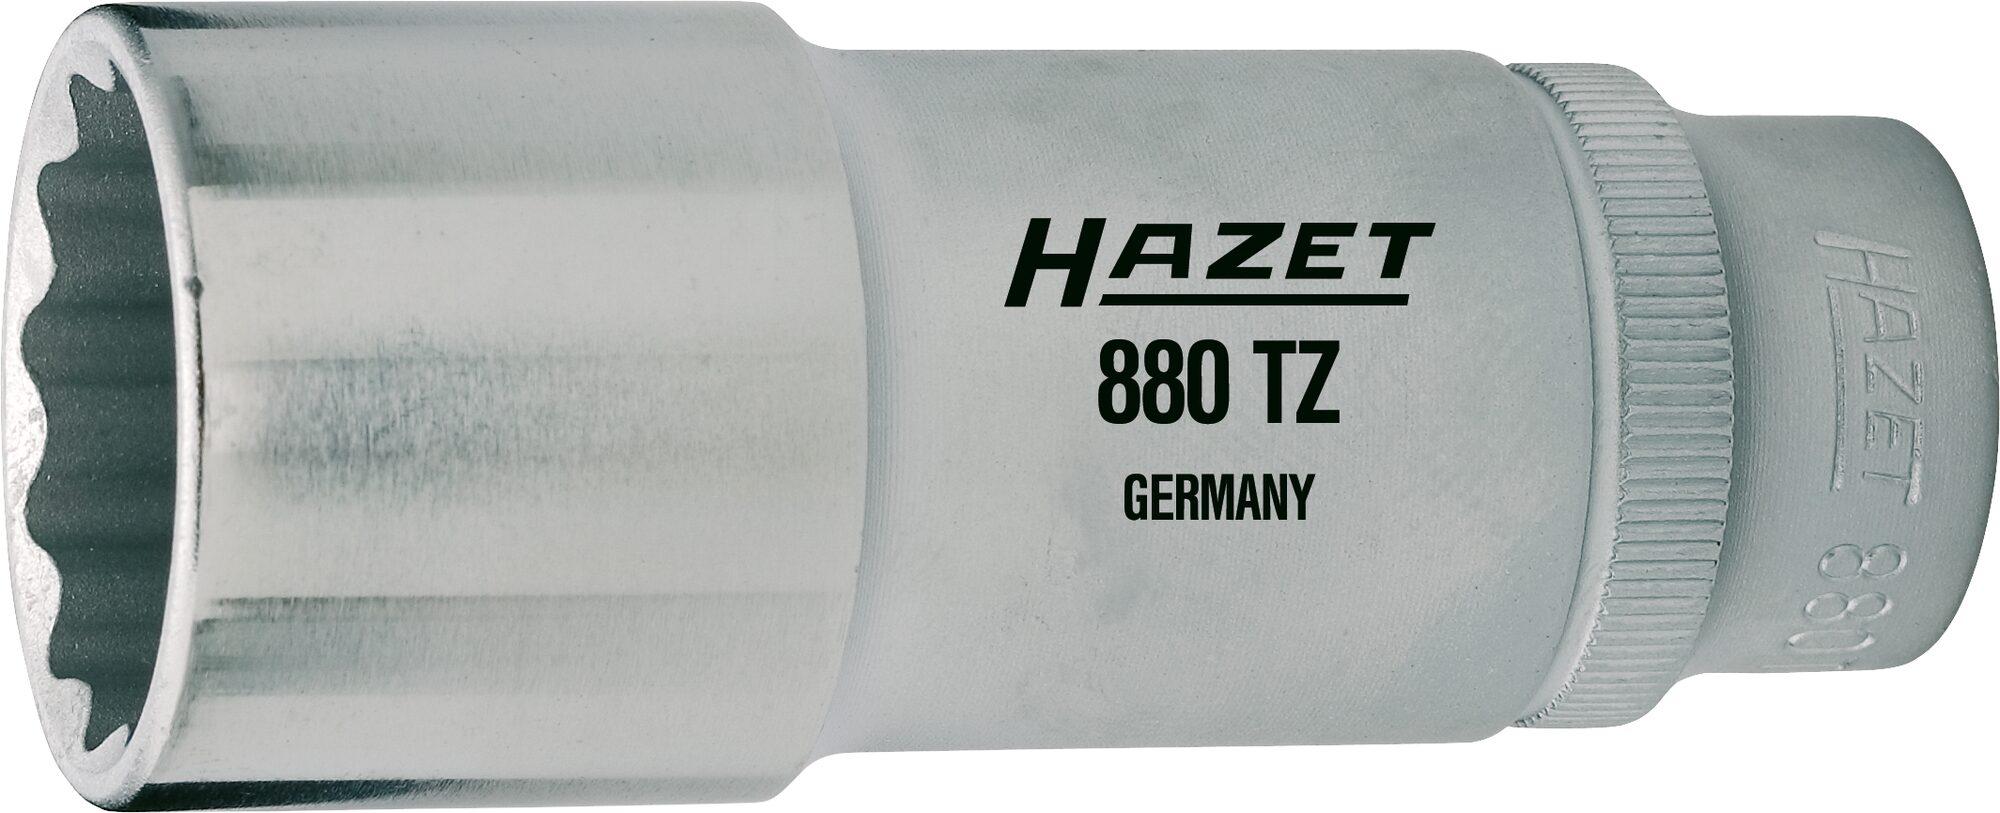 HAZET Steckschlüsseleinsatz ∙ Doppelsechskant 880TZ-17 ∙ Vierkant hohl 10 mm (3/8 Zoll) ∙ 17 mm